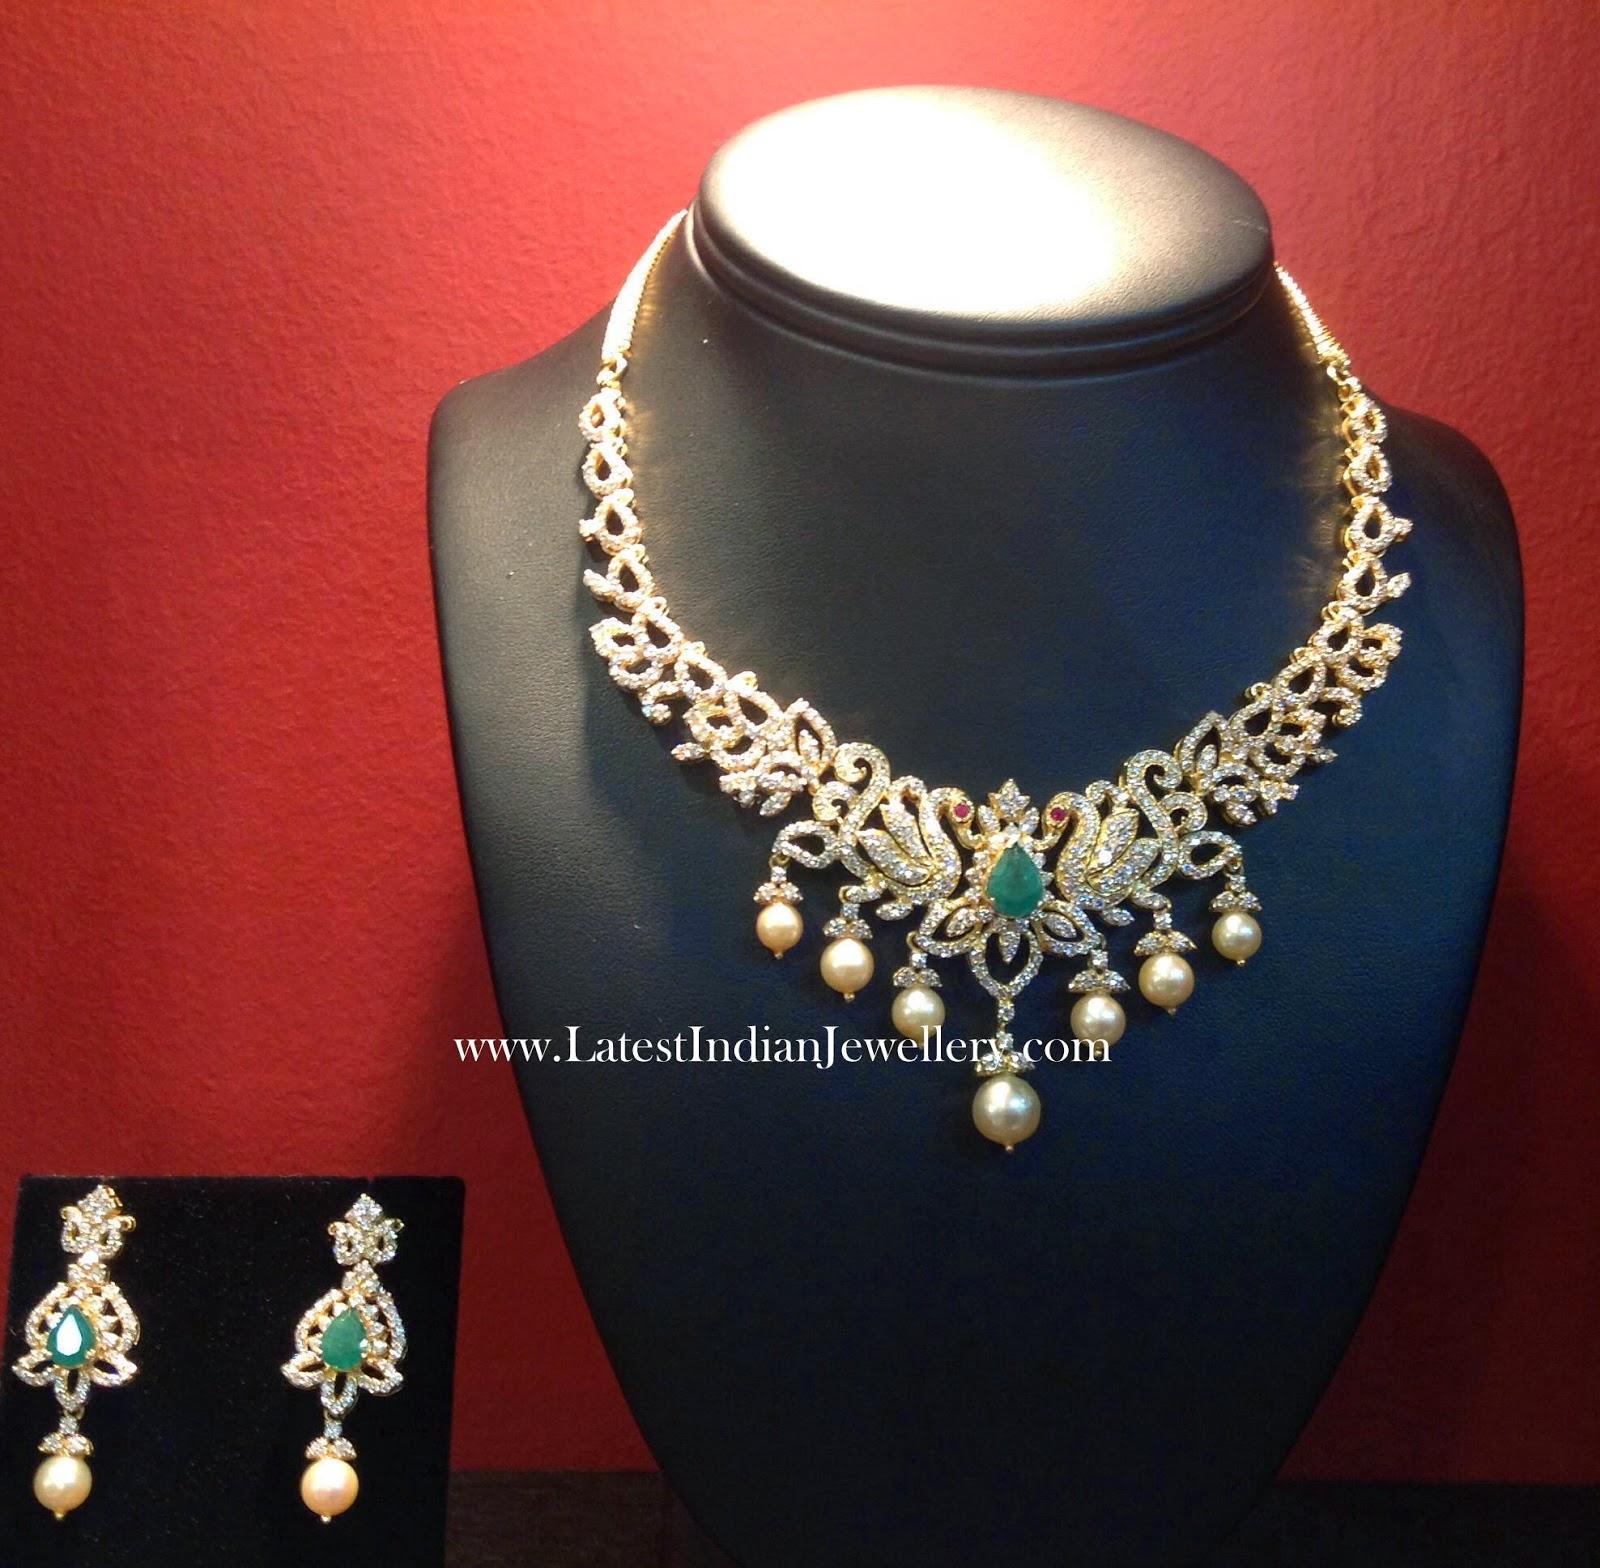 Peacock Design Diamond Necklace Set